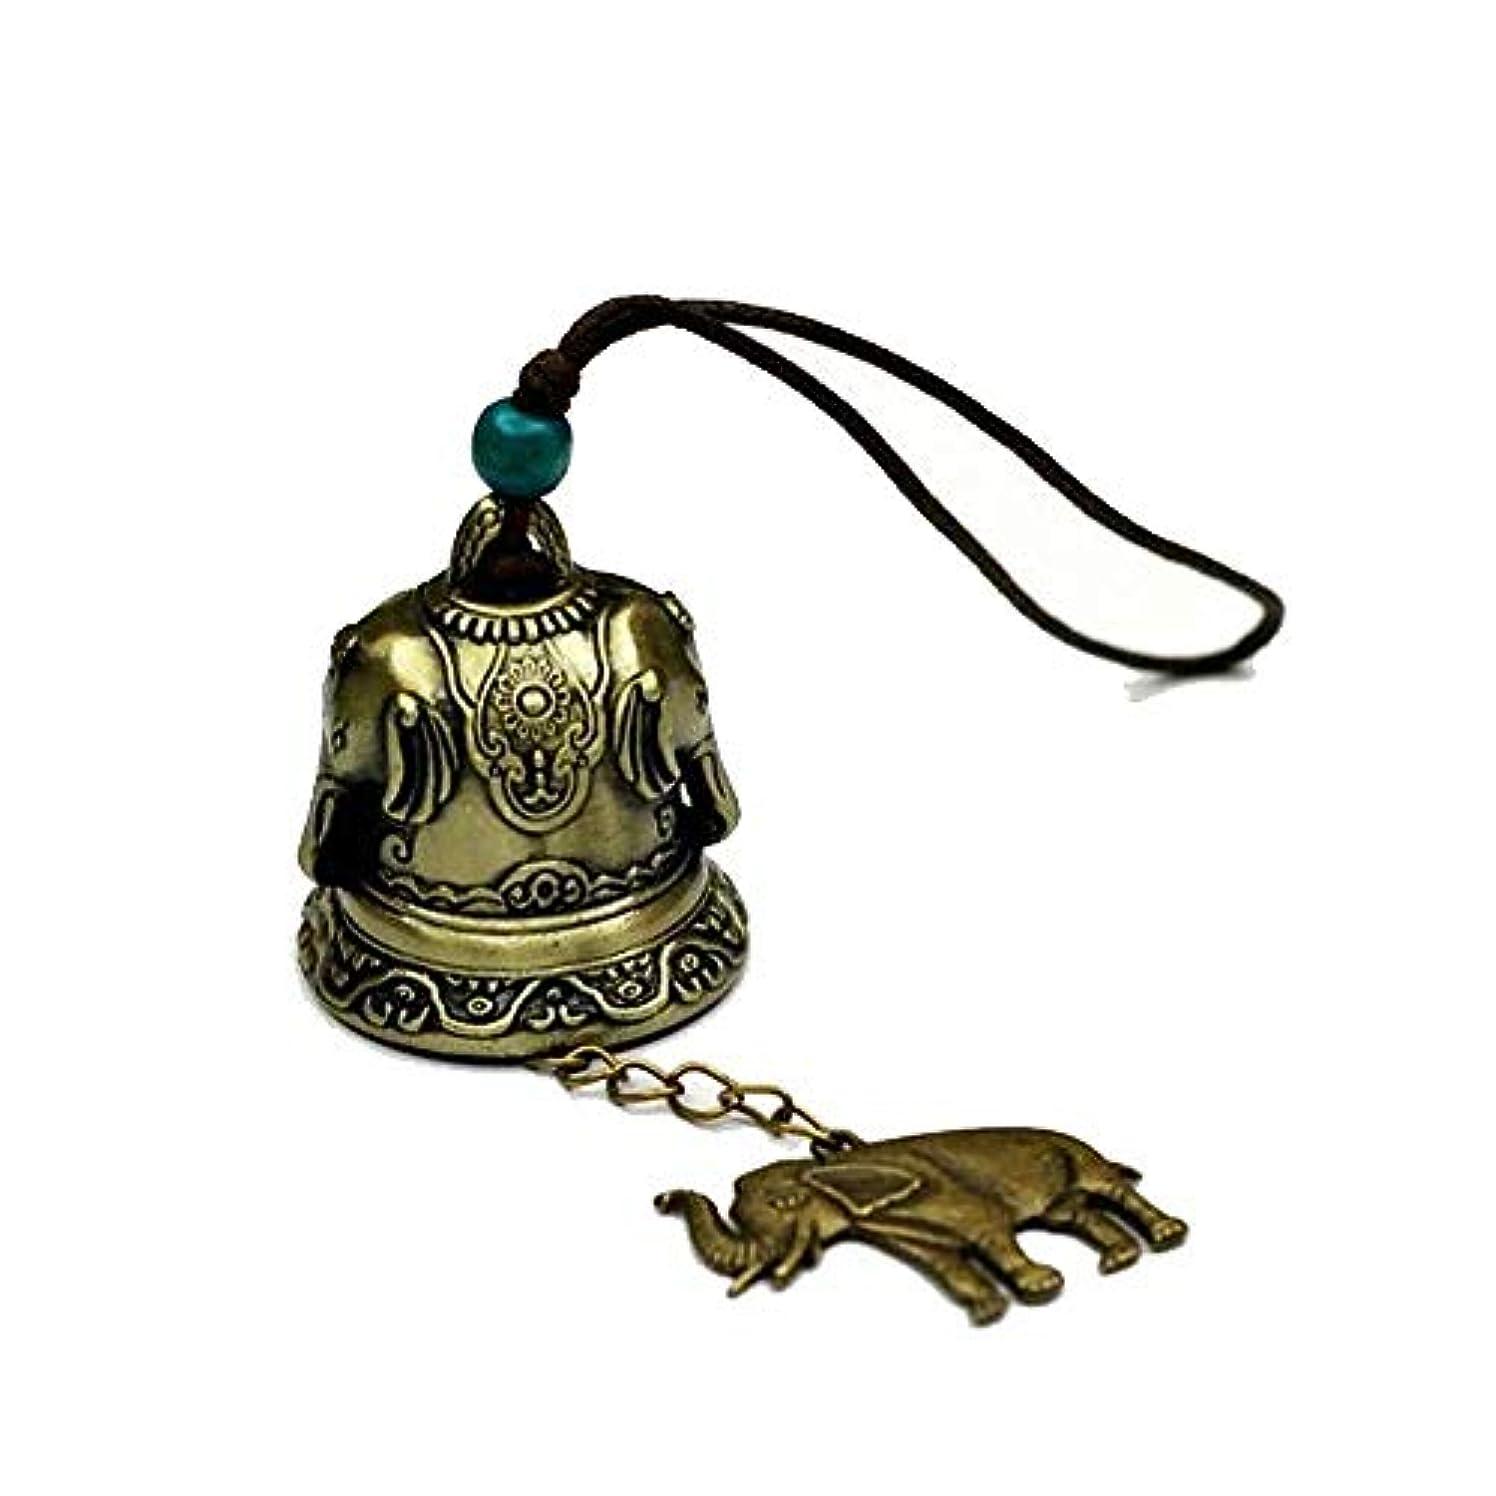 風鈴、ヴィンテージ金属真鍮の鐘、家の装飾、ベッドルームのバルコニーの装飾のペンダント (Color : 2)